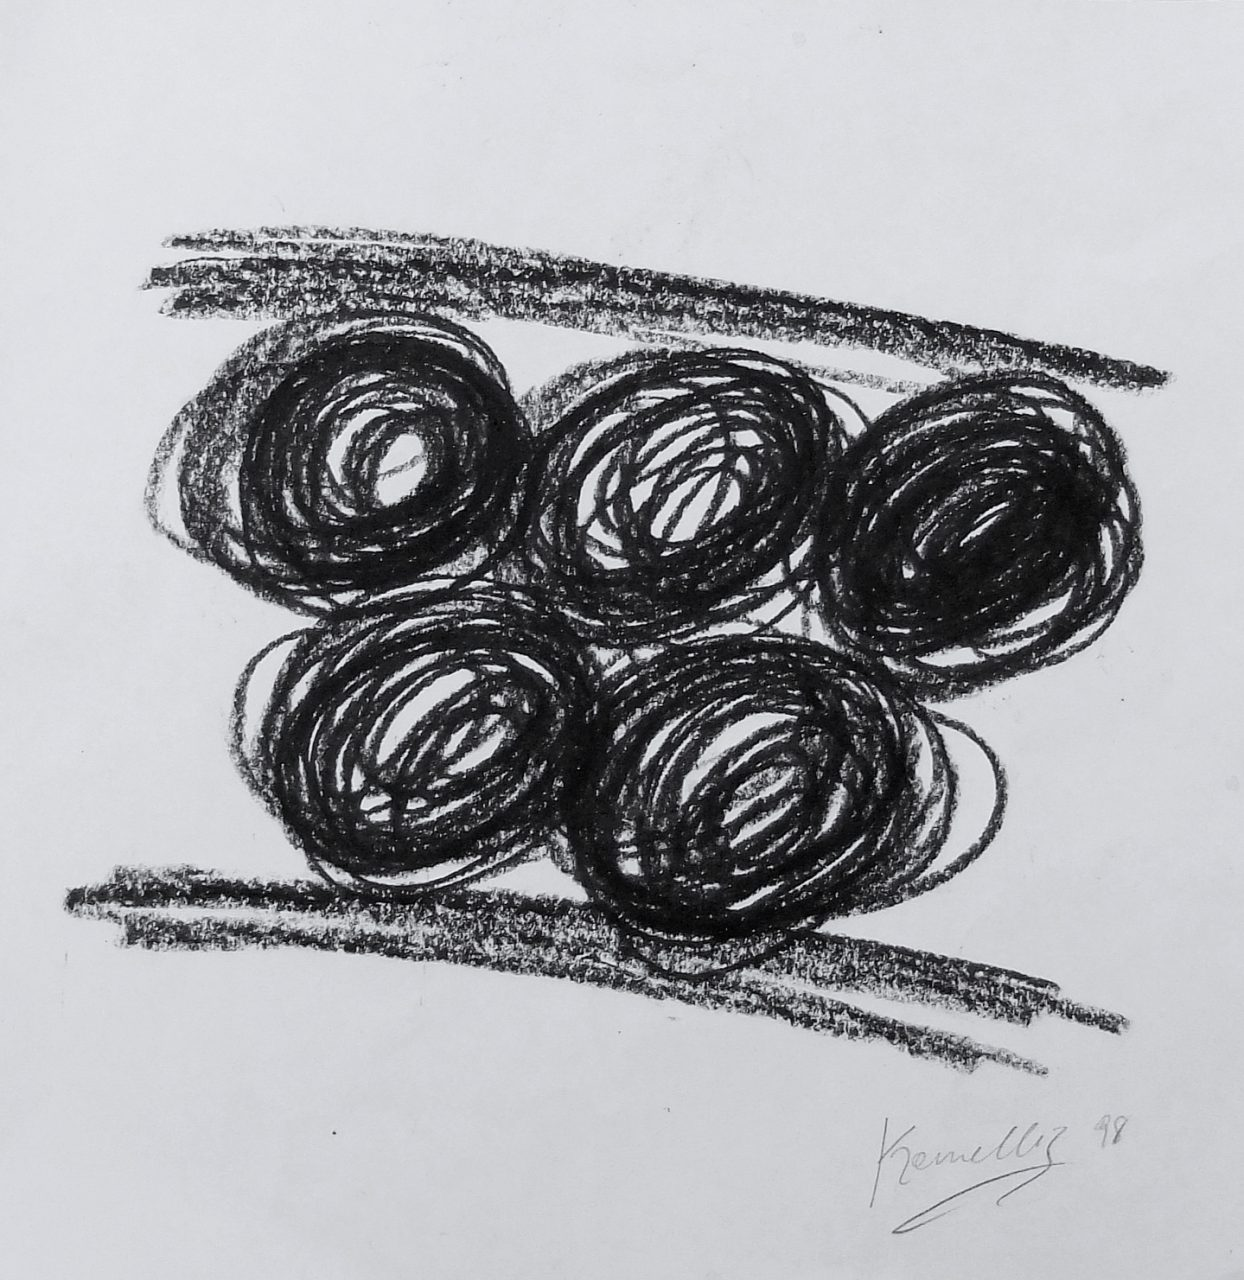 073. KOUNELLIS Jannis (1936-2017)